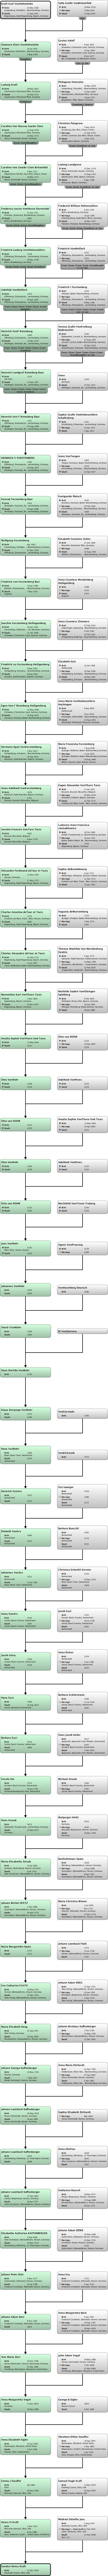 Relationship chart kraft graf von hohenlohe:gordon henry kraft